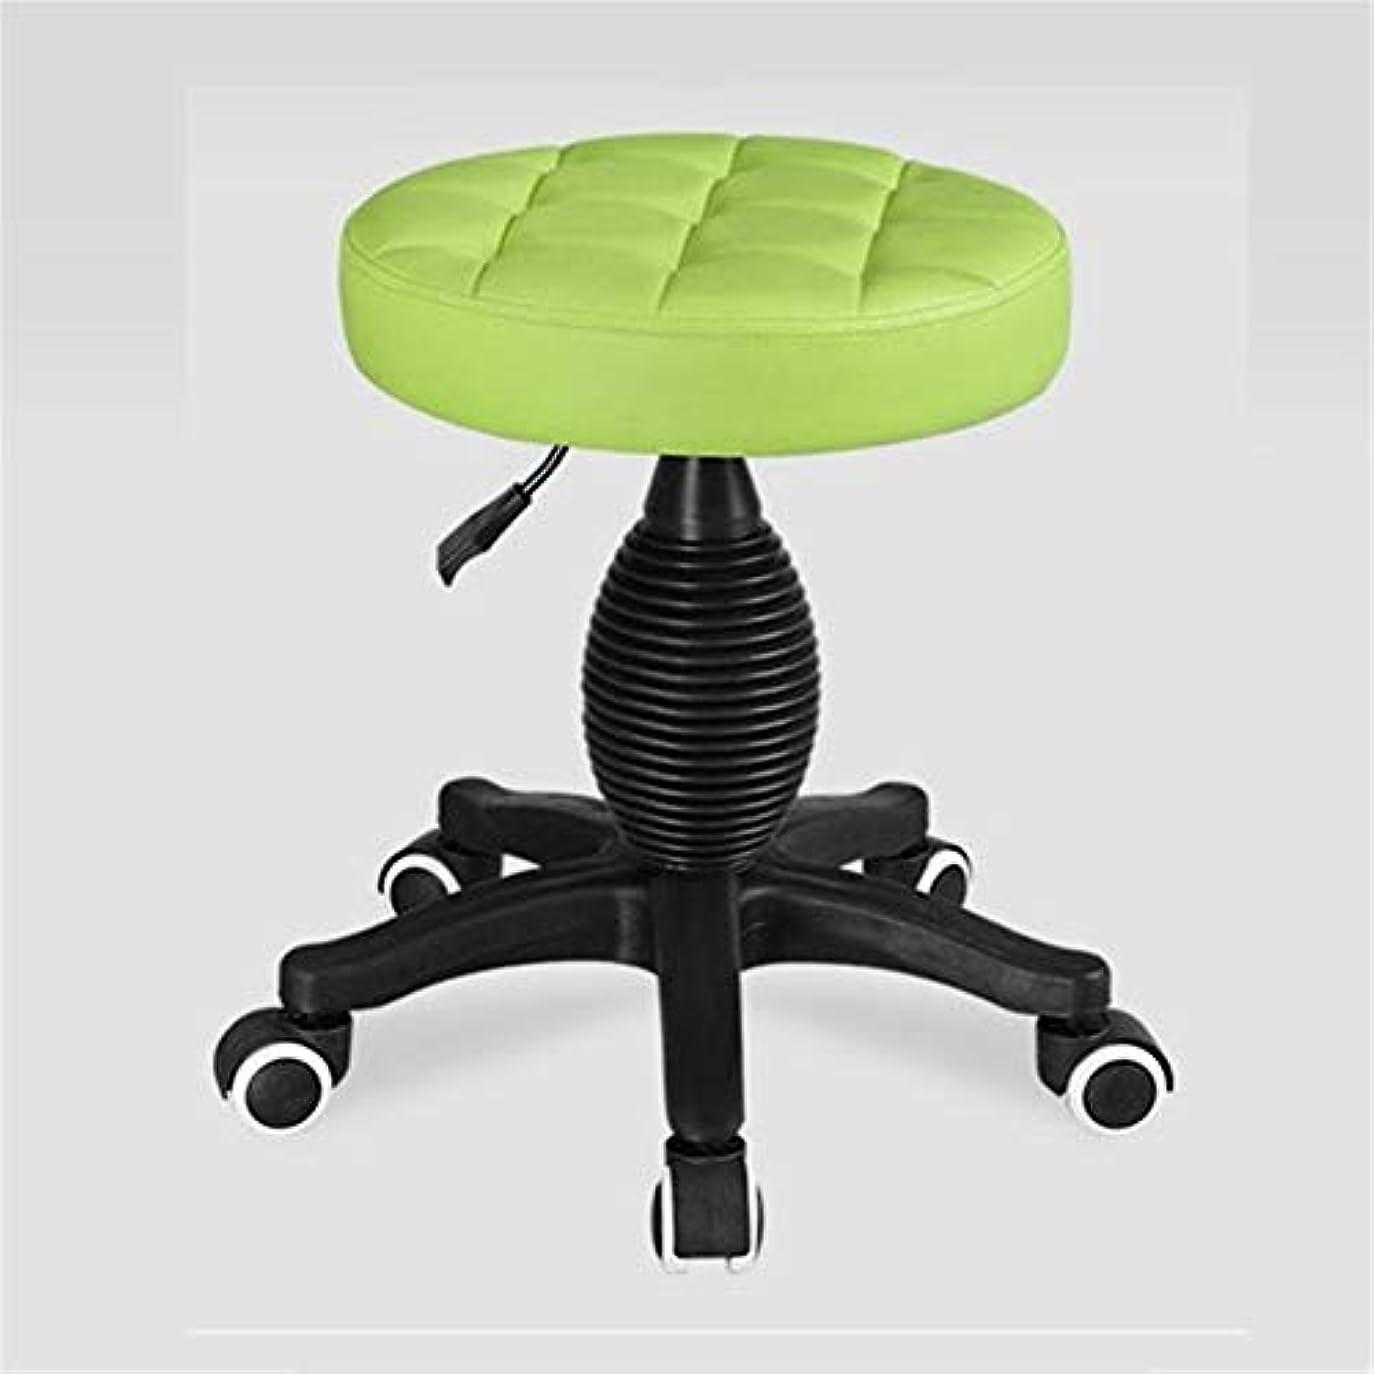 画面激怒モナリザ大広間の椅子円形PUの革油圧上昇の調節の回転理髪店の椅子の鉱泉の大広間の設定の椅子5つの車輪の事務作業の椅子,Green,B